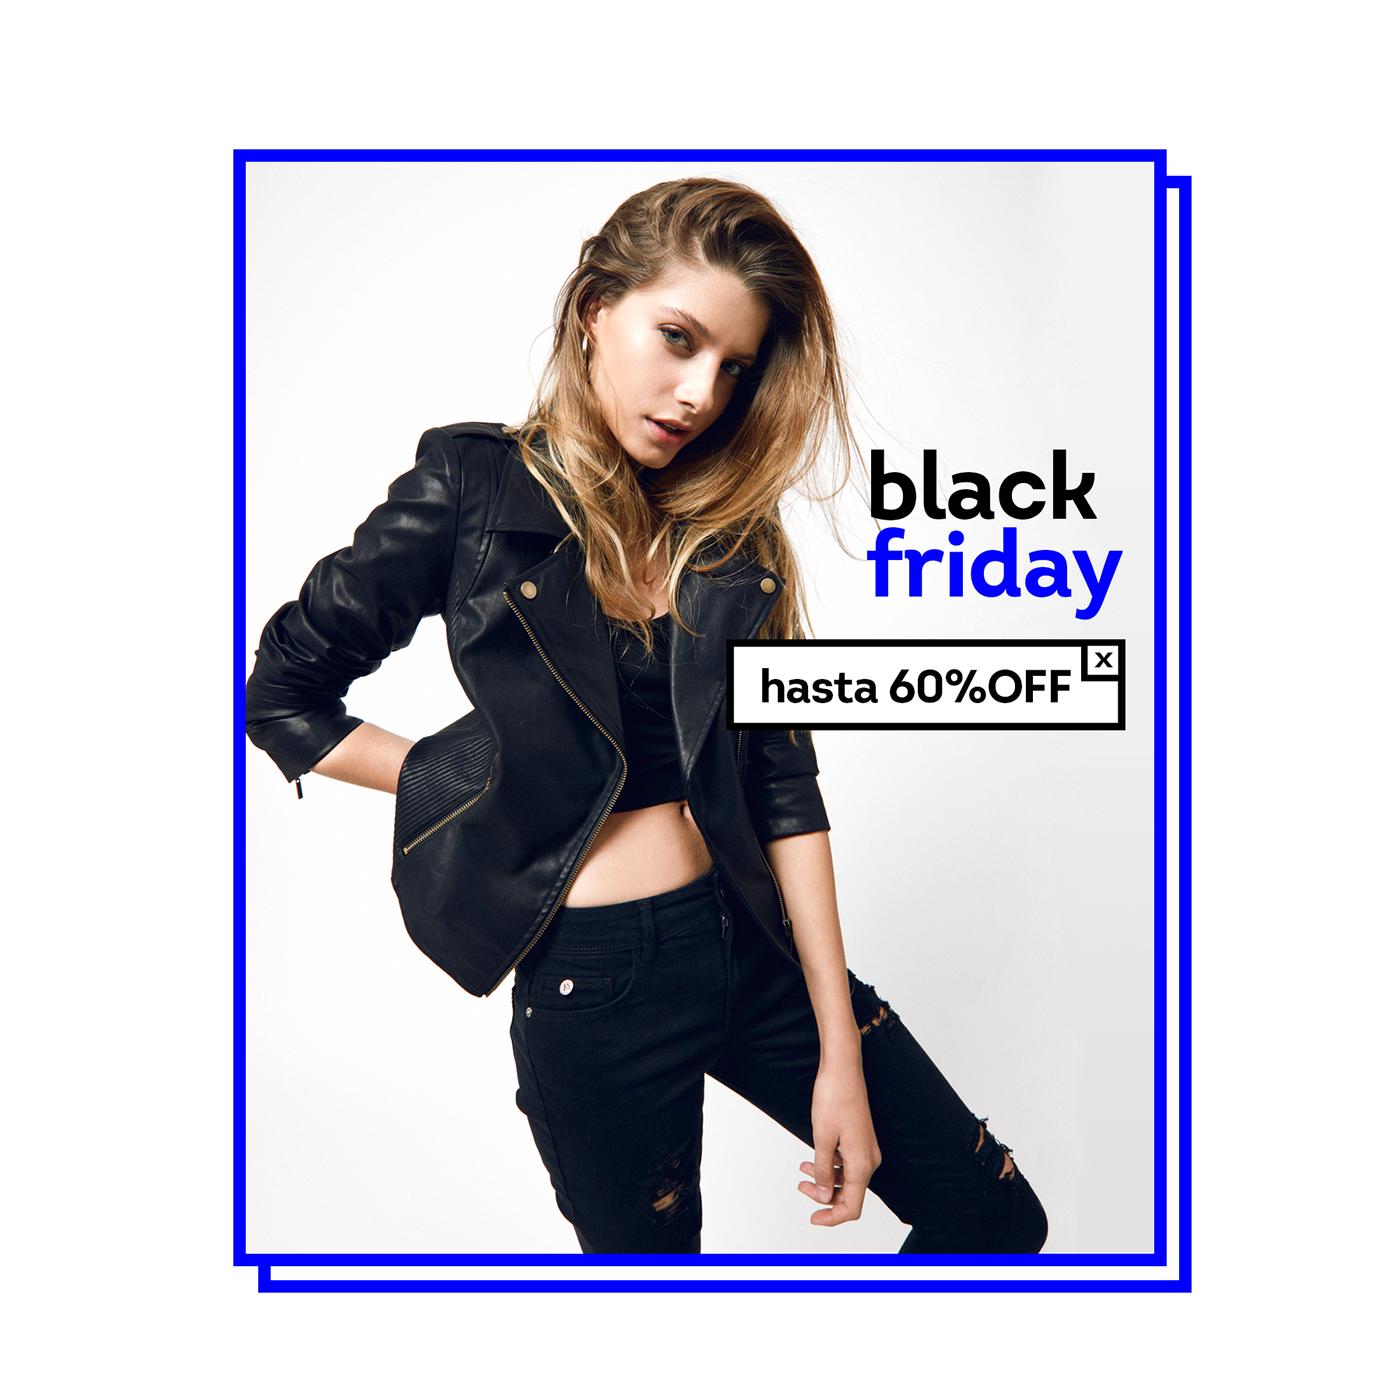 Black Friday 2016 - Dafiti